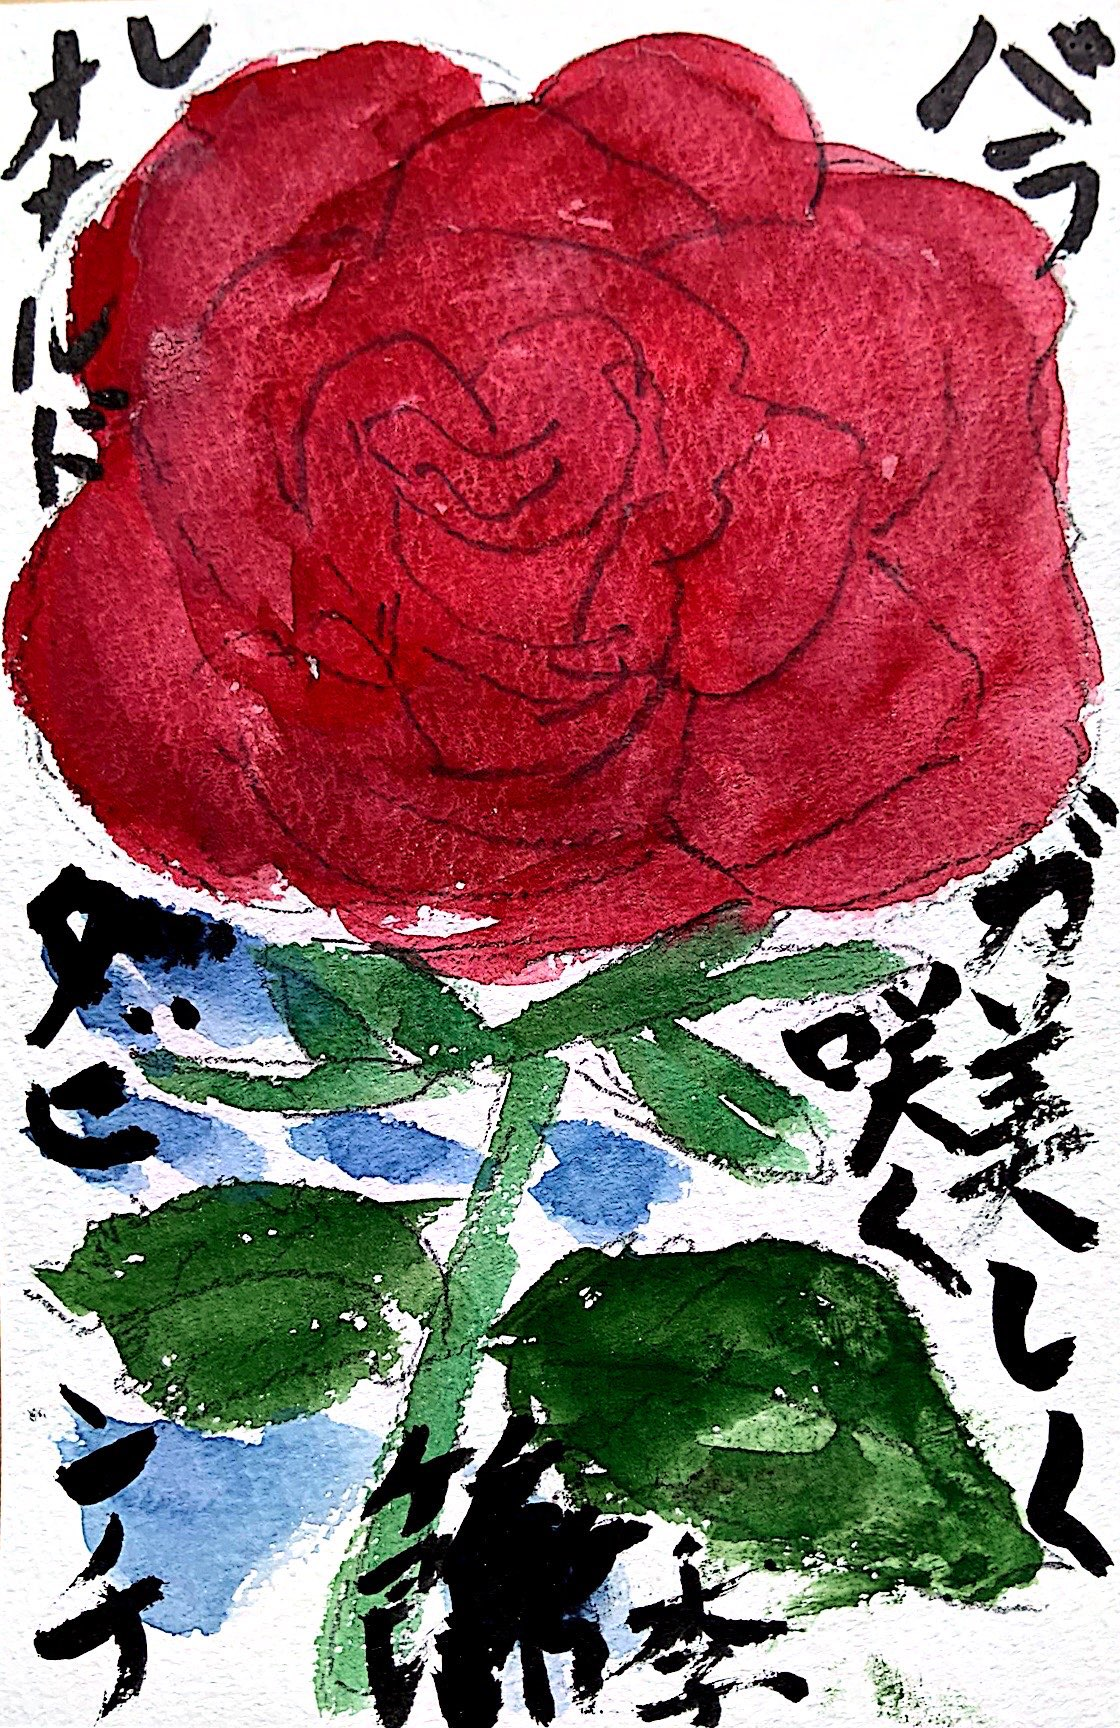 バラが美しく咲く季節 レオナルド・ダ・ヴィンチ